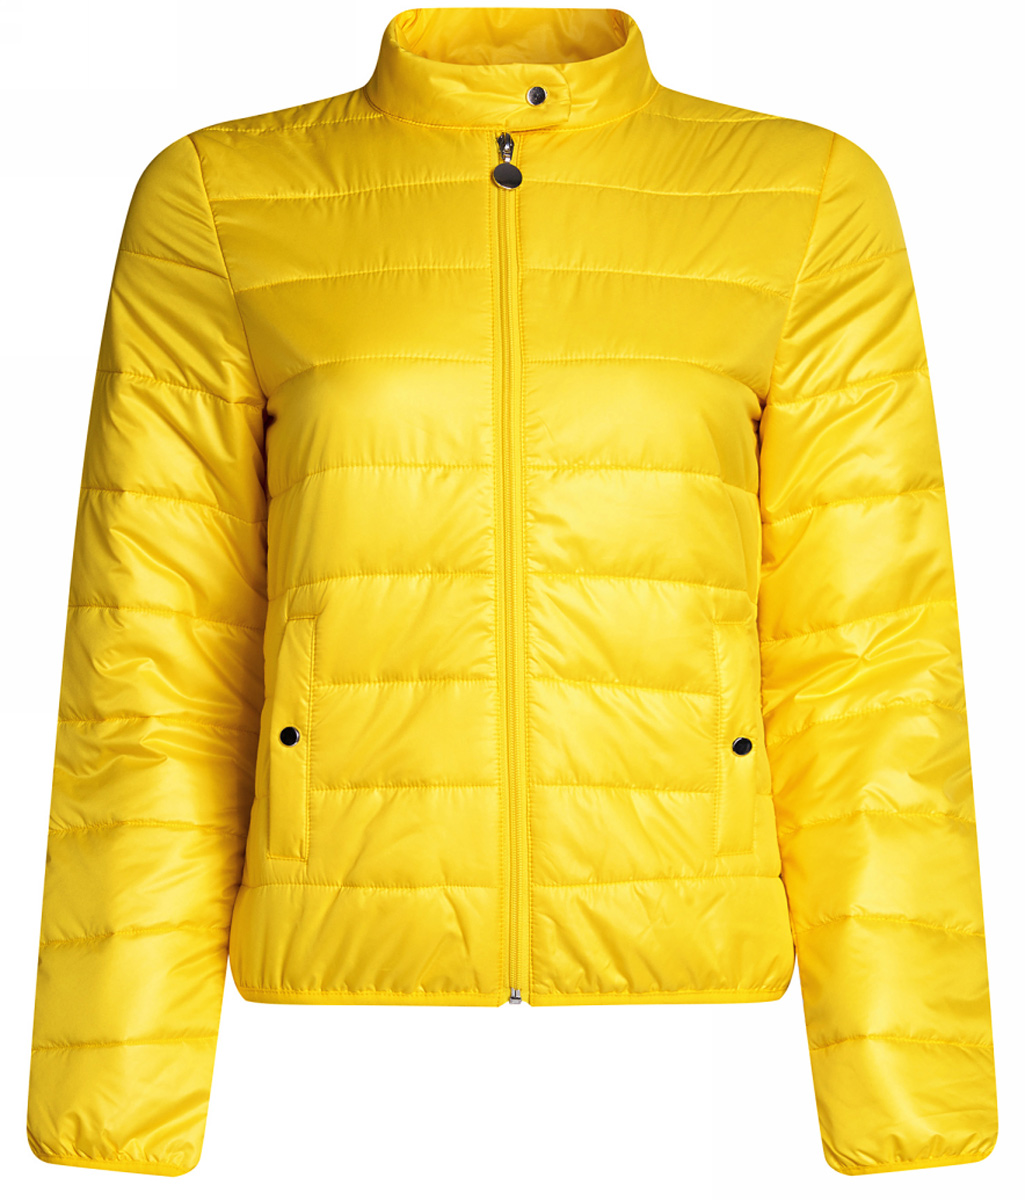 Куртка женская oodji Ultra, цвет: лимонный. 10203060/43363/5100N. Размер 42-170 (48-170)10203060/43363/5100NЖенская куртка oodji Ultra выполнена из высококачественного материала, в качестве подкладки используется полиэстер. Утеплитель - синтепон. Модель с воротником-стойкой застегивается на застежку-молнию и дополнительно сверху на кнопку. Спереди расположено два втачных кармана на кнопках.